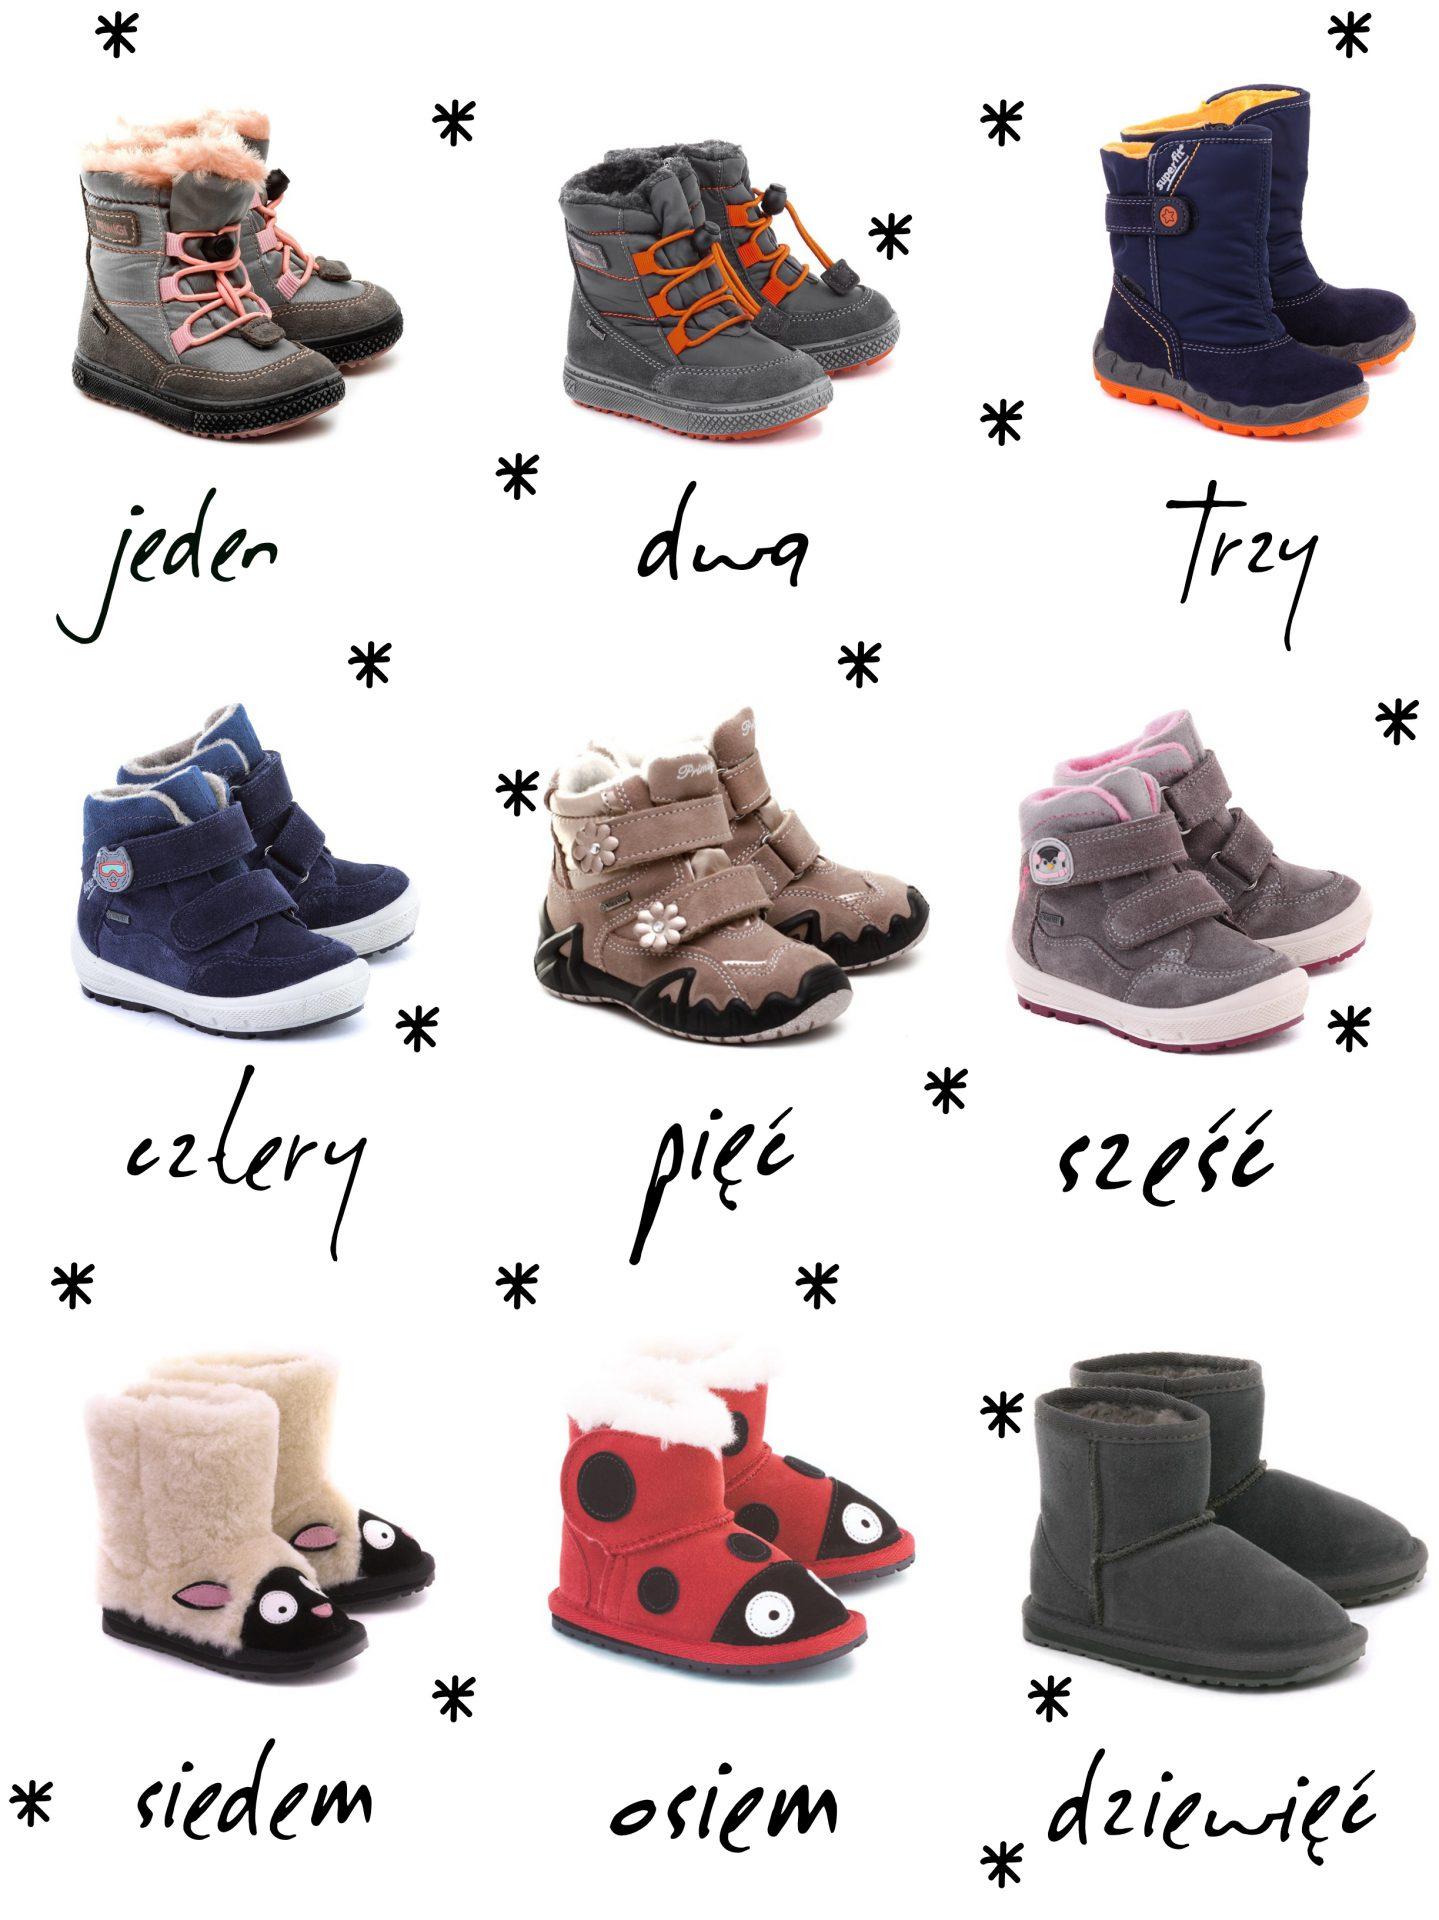 Buty Zimowe Kod Rabatowy Nebule Pl